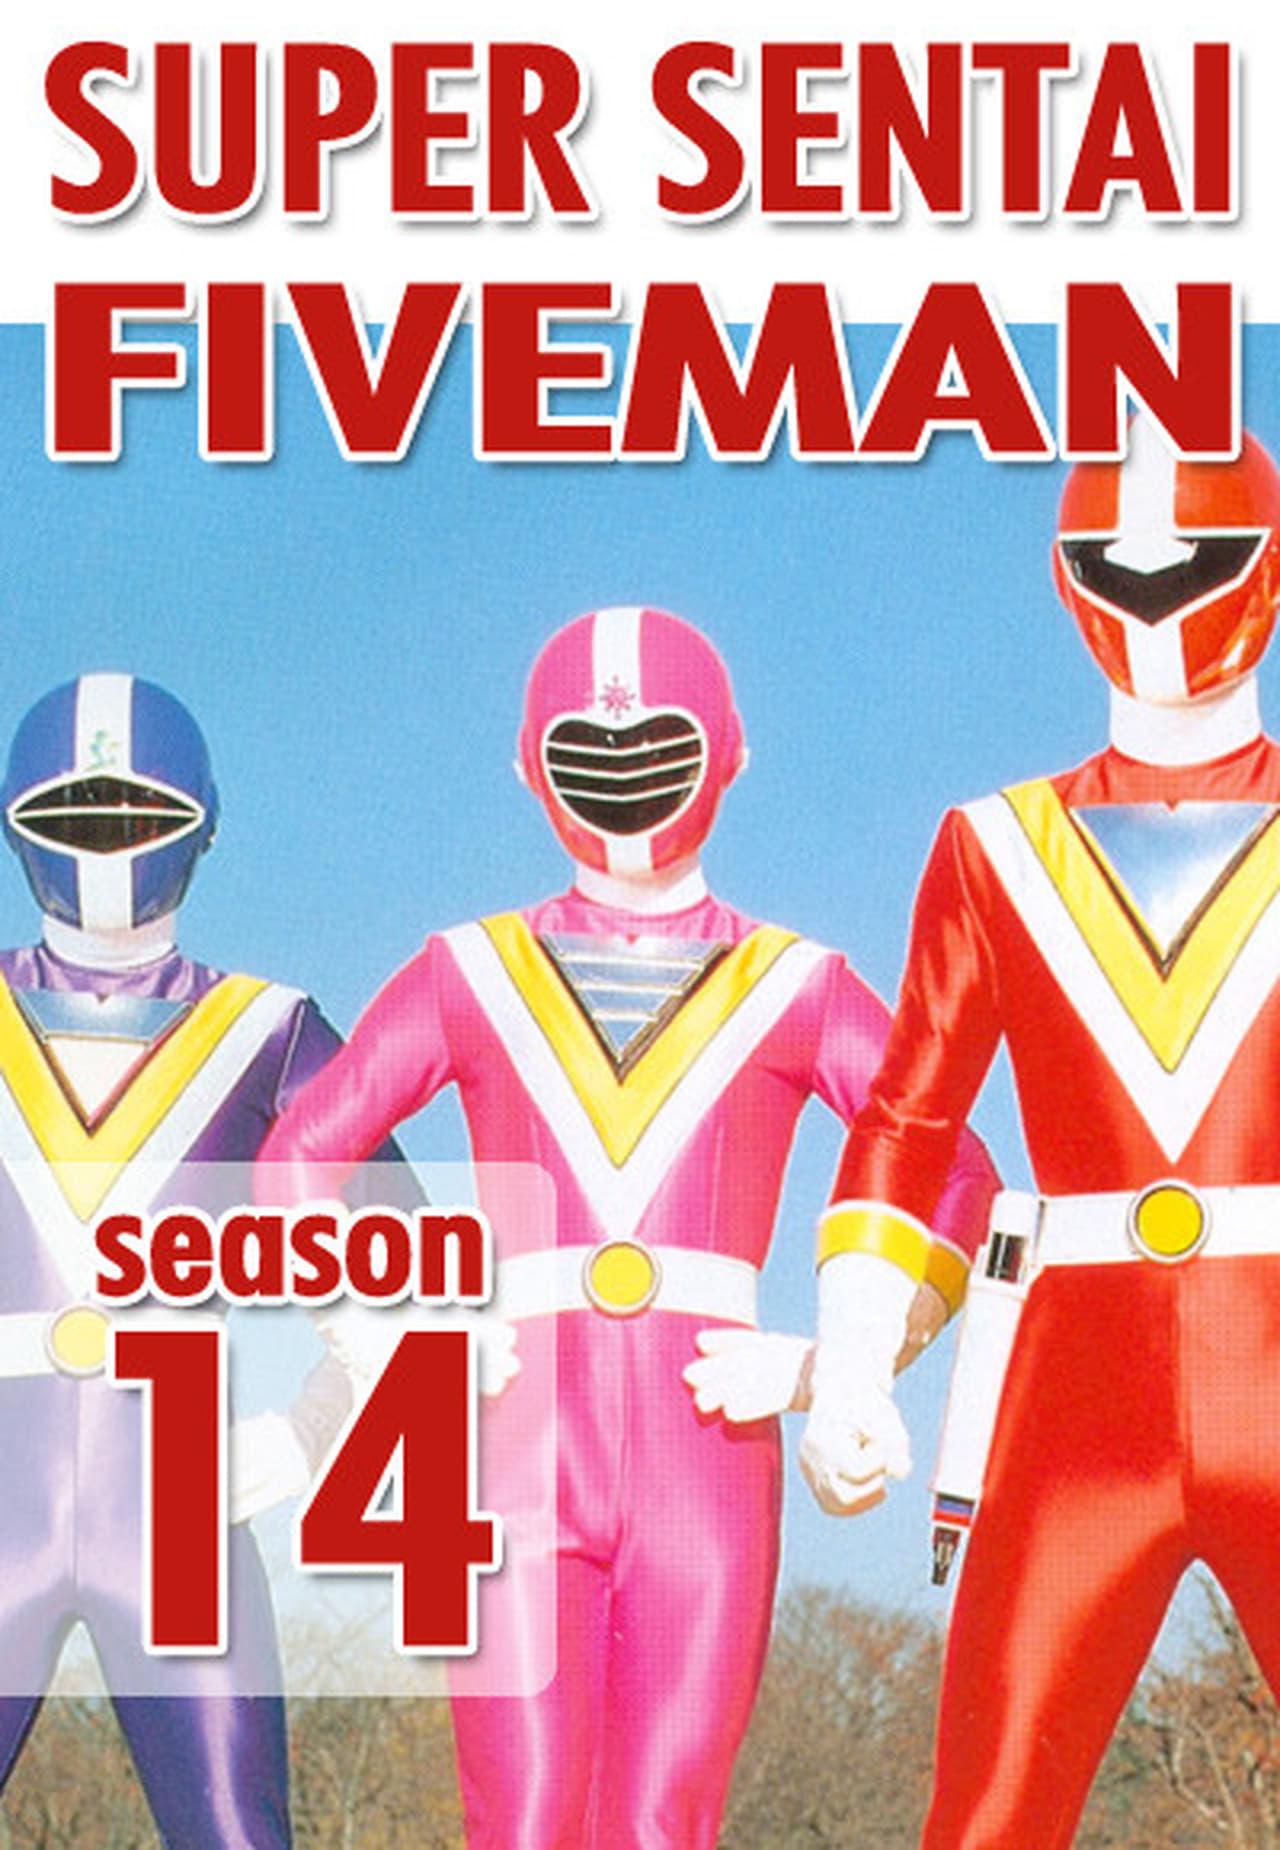 Watch Super Sentai Season 14 Online